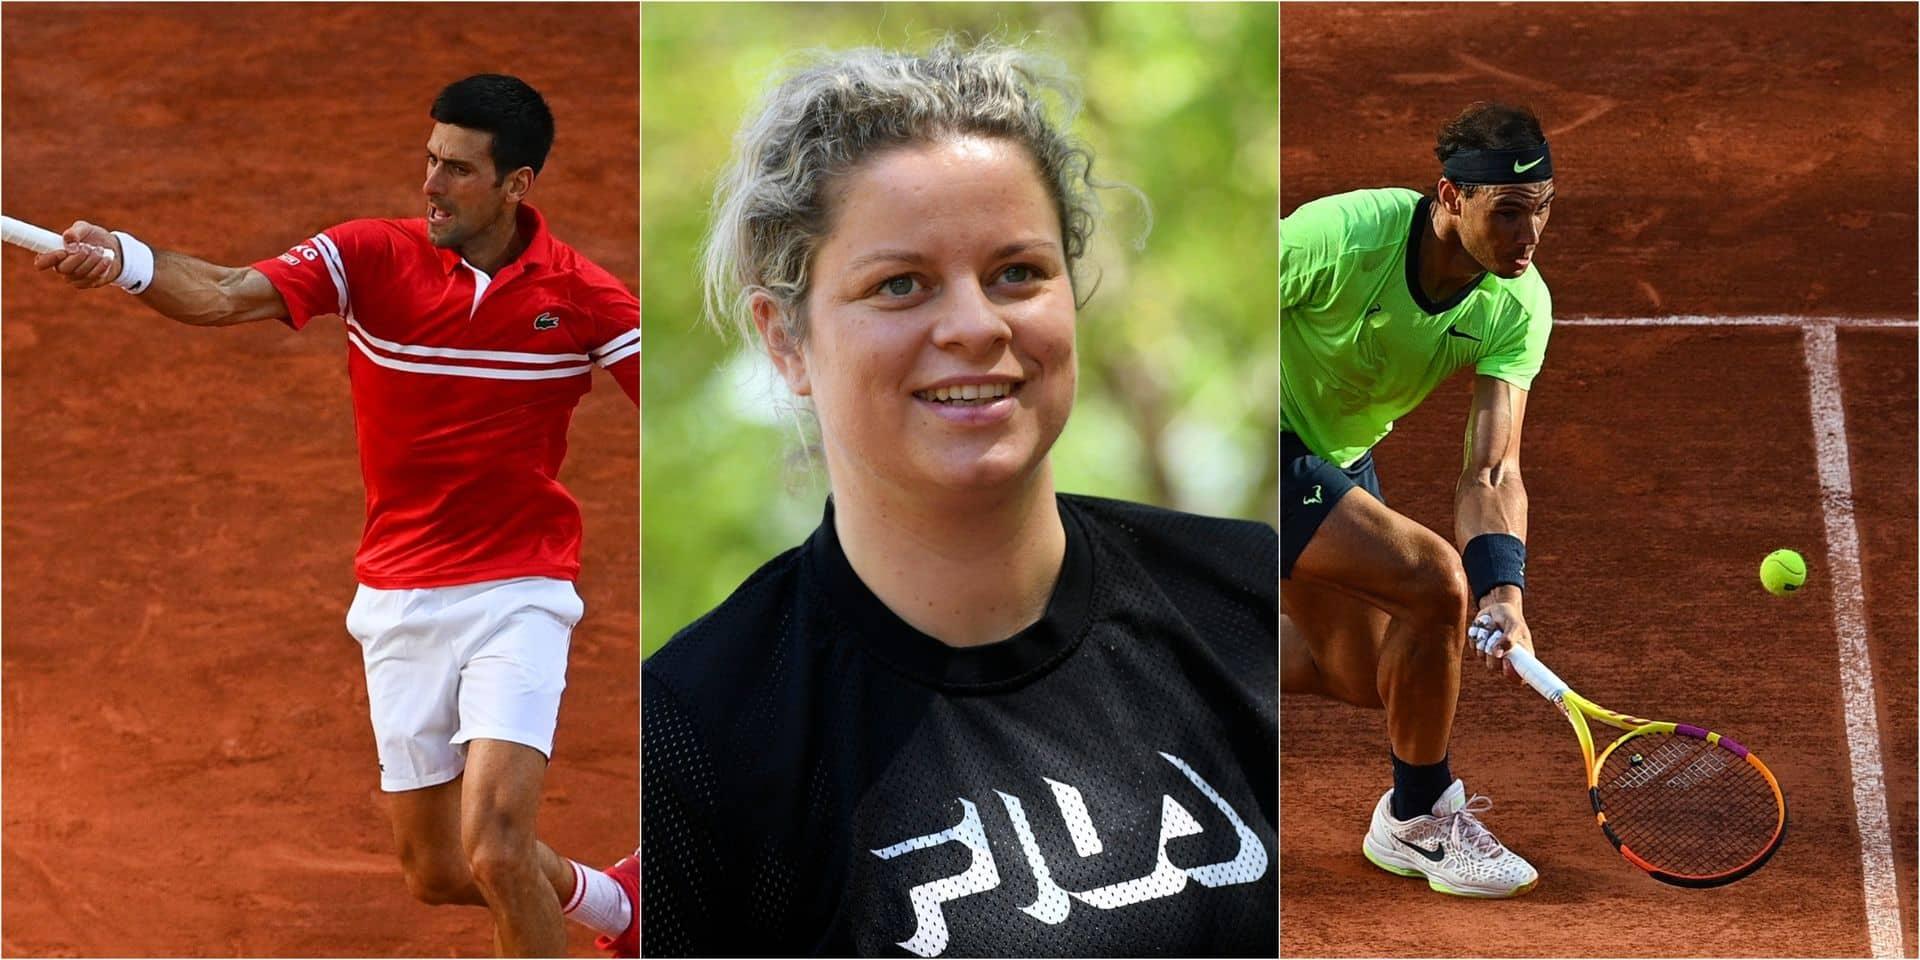 Autorisation parentale et pop-corn : le duel Rafa-Djoko, c'est mieux avec les commentaires de Kim Clijsters